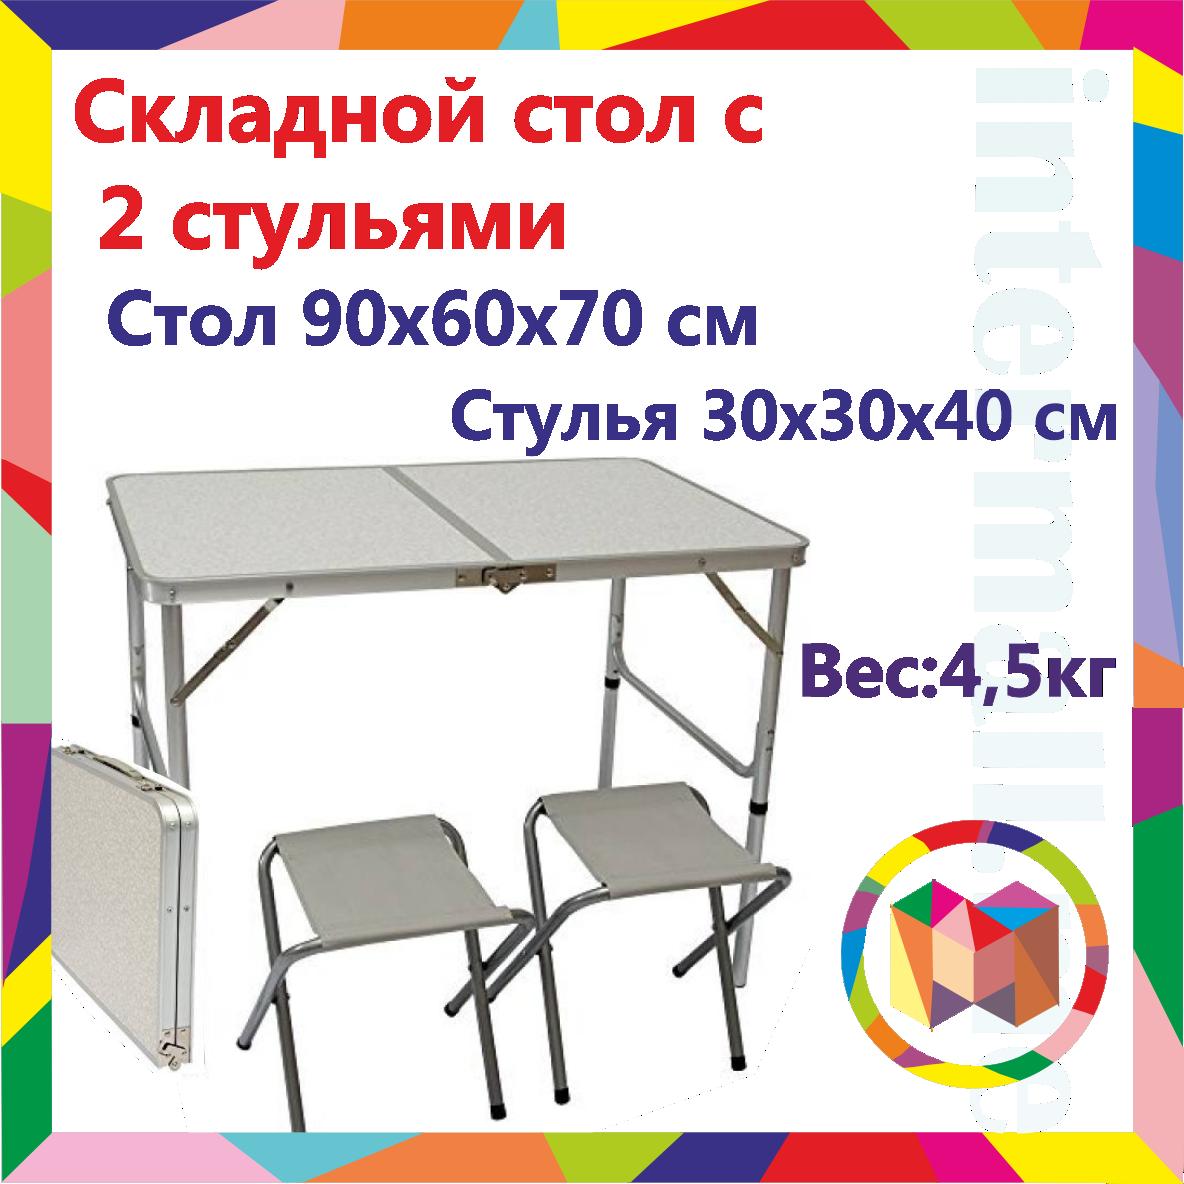 Складной стол для пикника с двумя стульями, с металлическим каркасом, 90х60х70 см